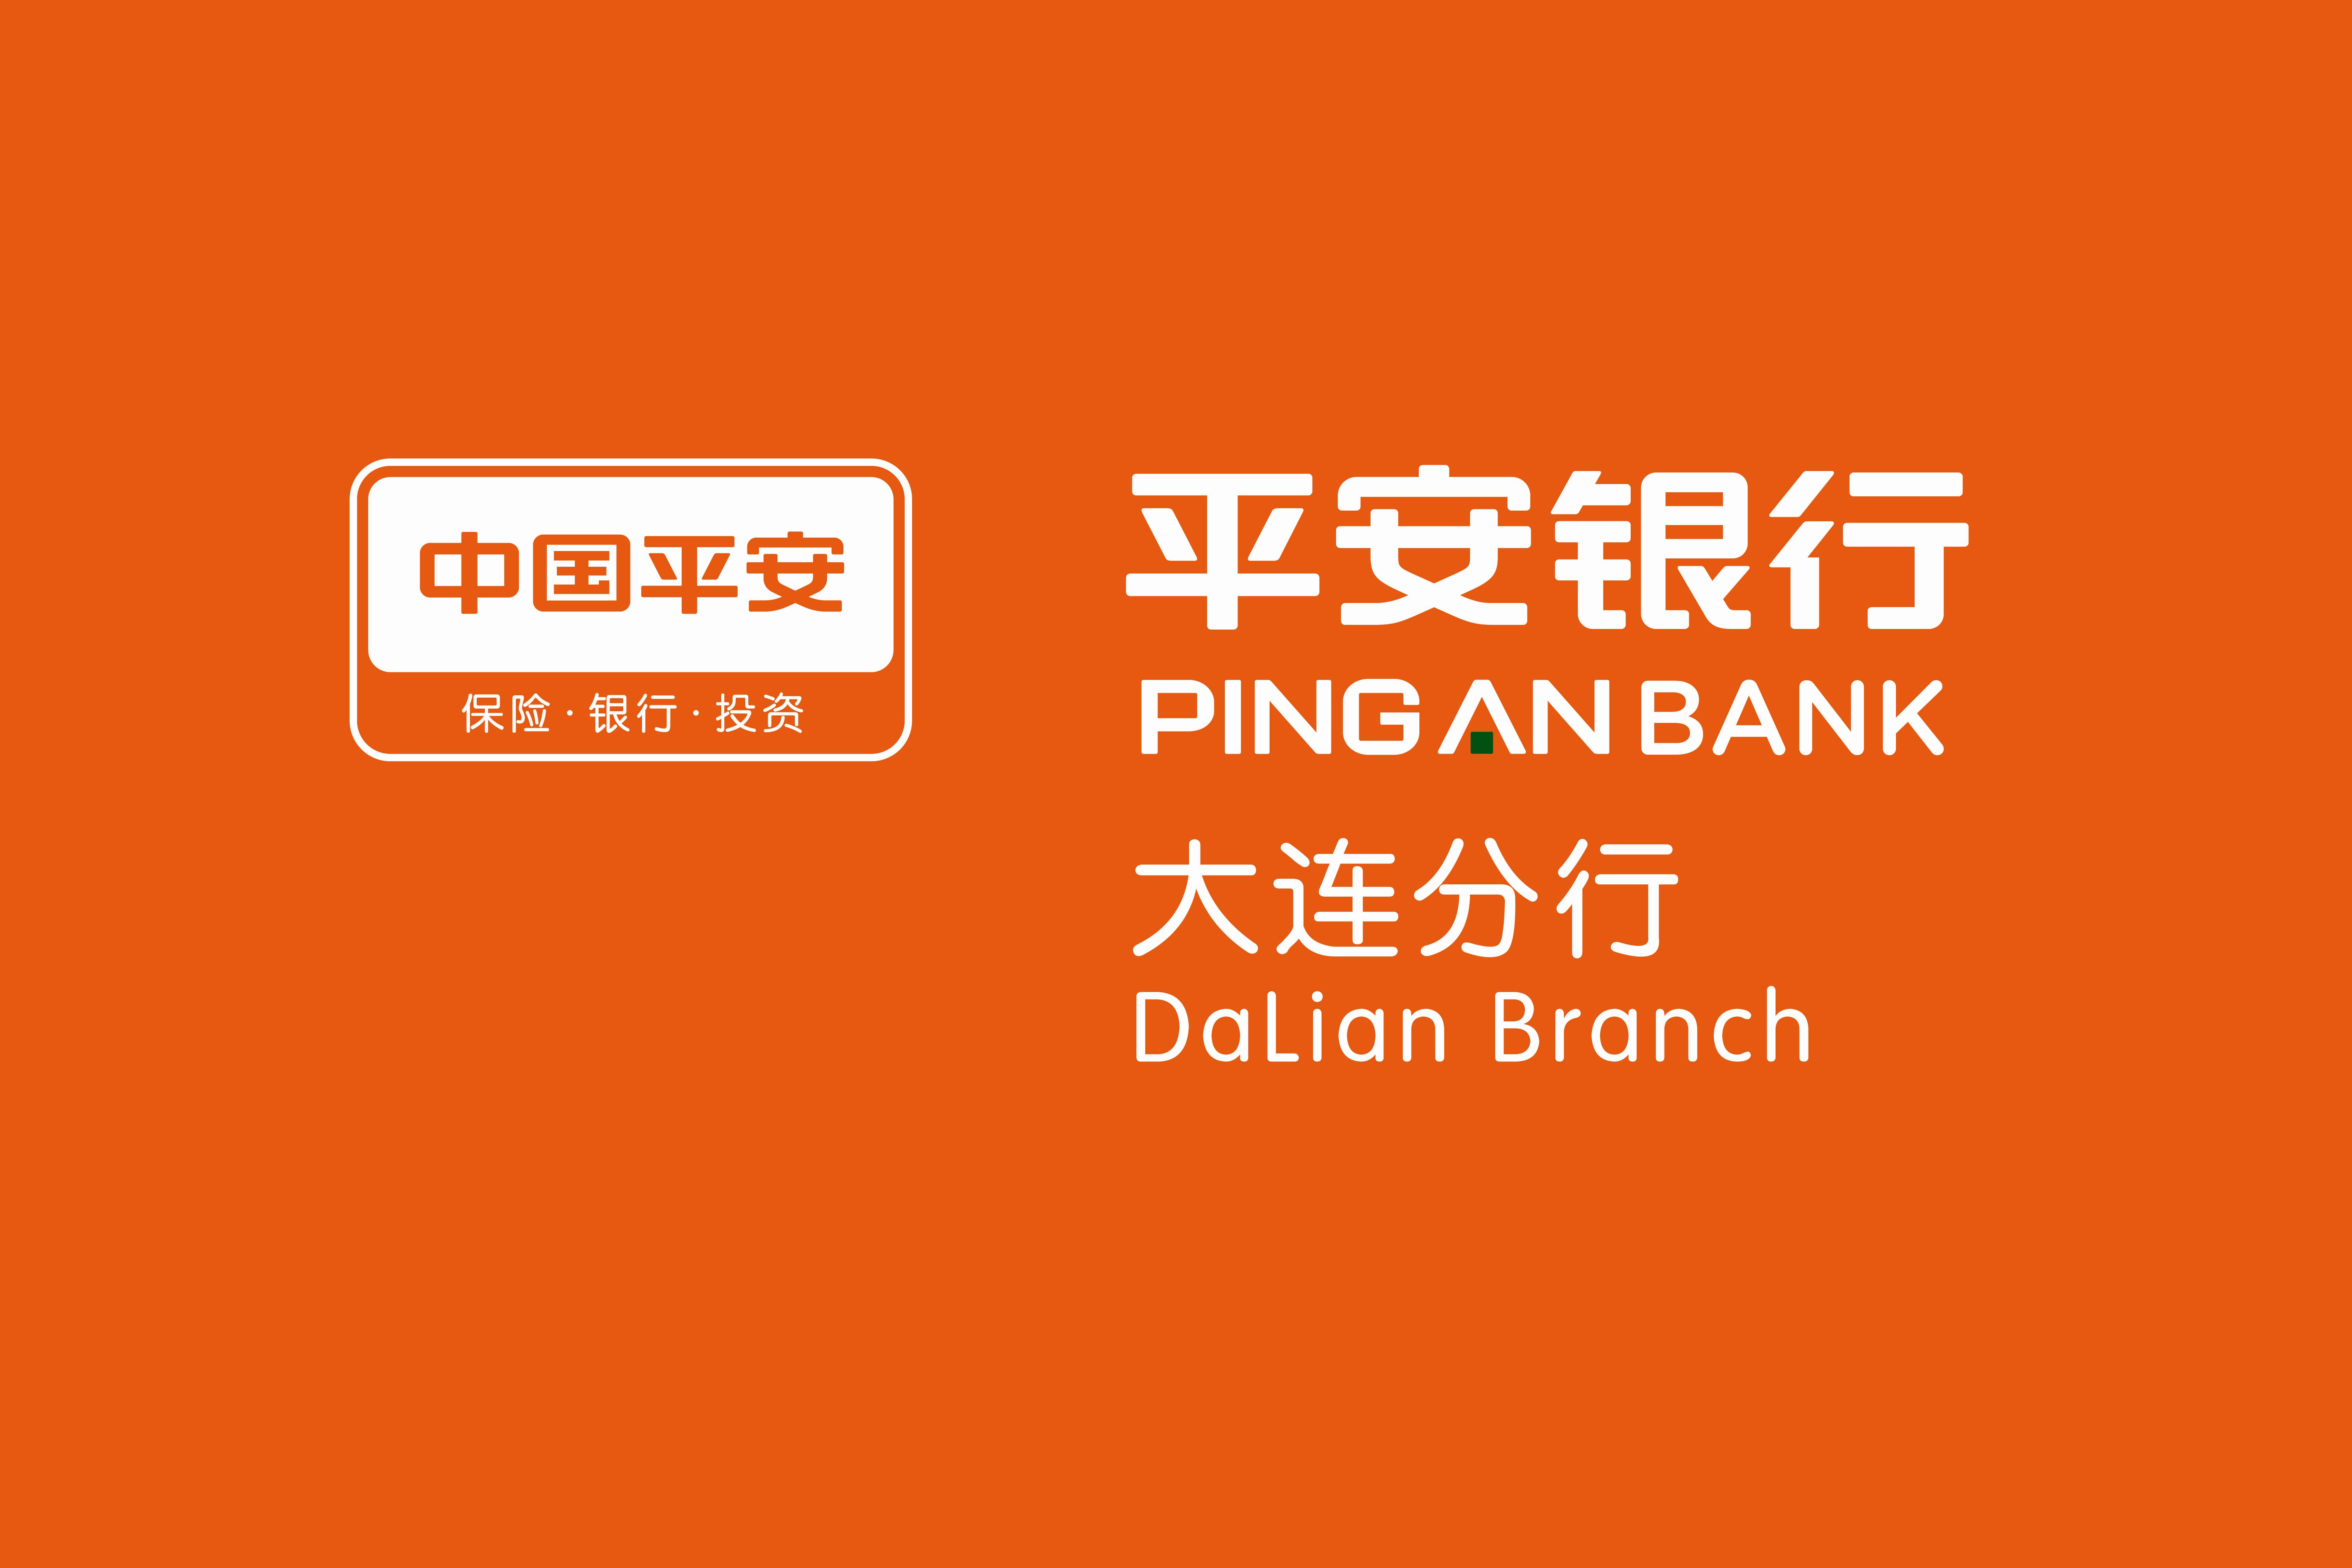 平安银行股份有限公司大连分行最新招聘信息